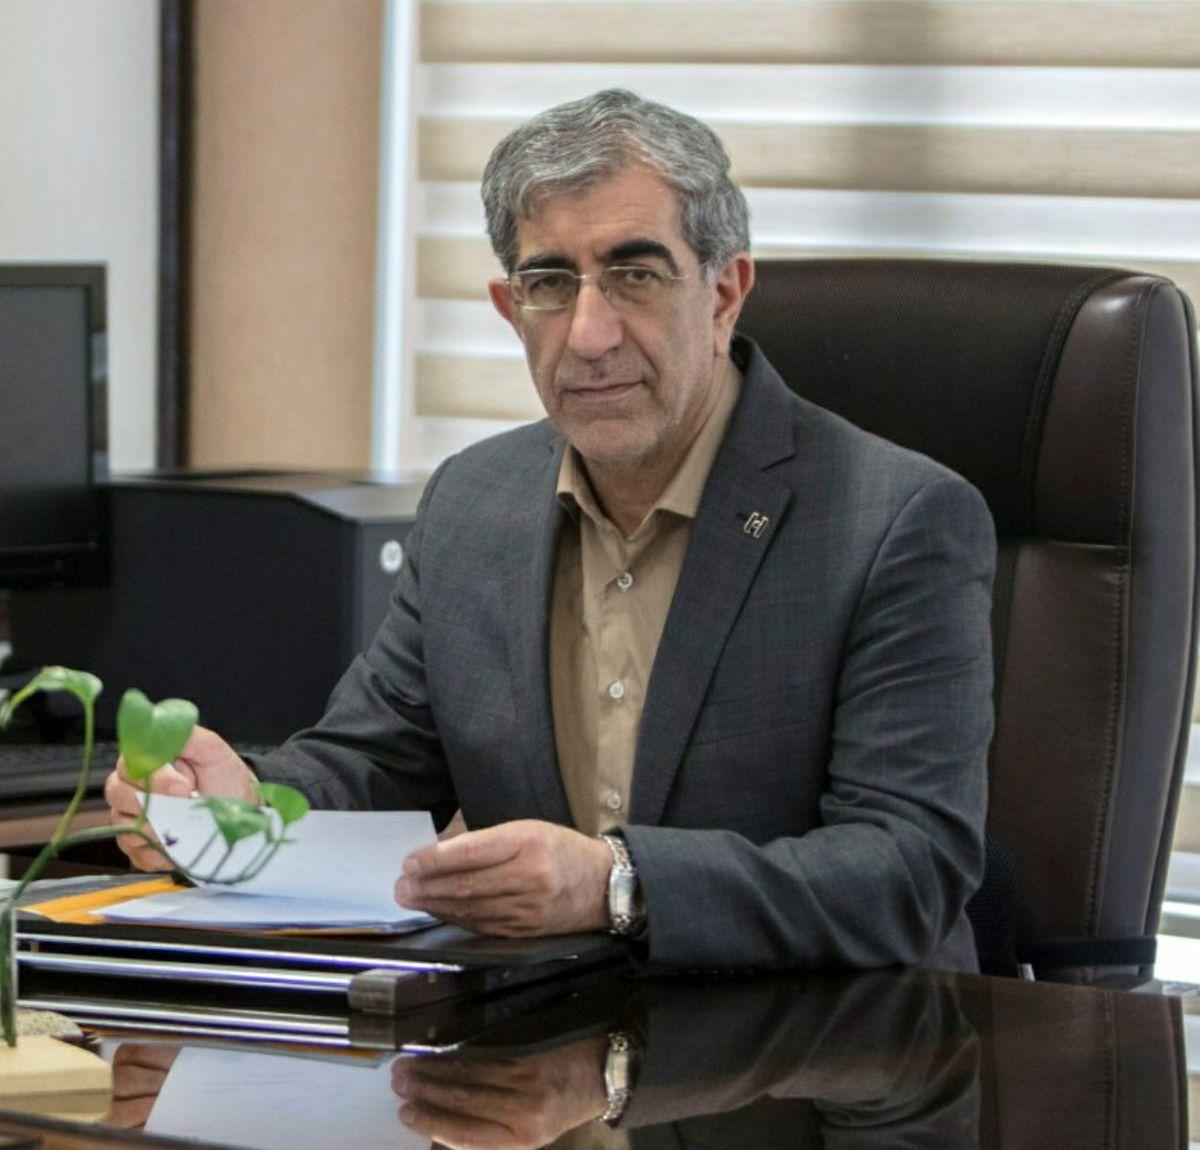 سودآوری بانک صادرات ایران با کاهش محسوس مانده مطالبات تضمینشده است